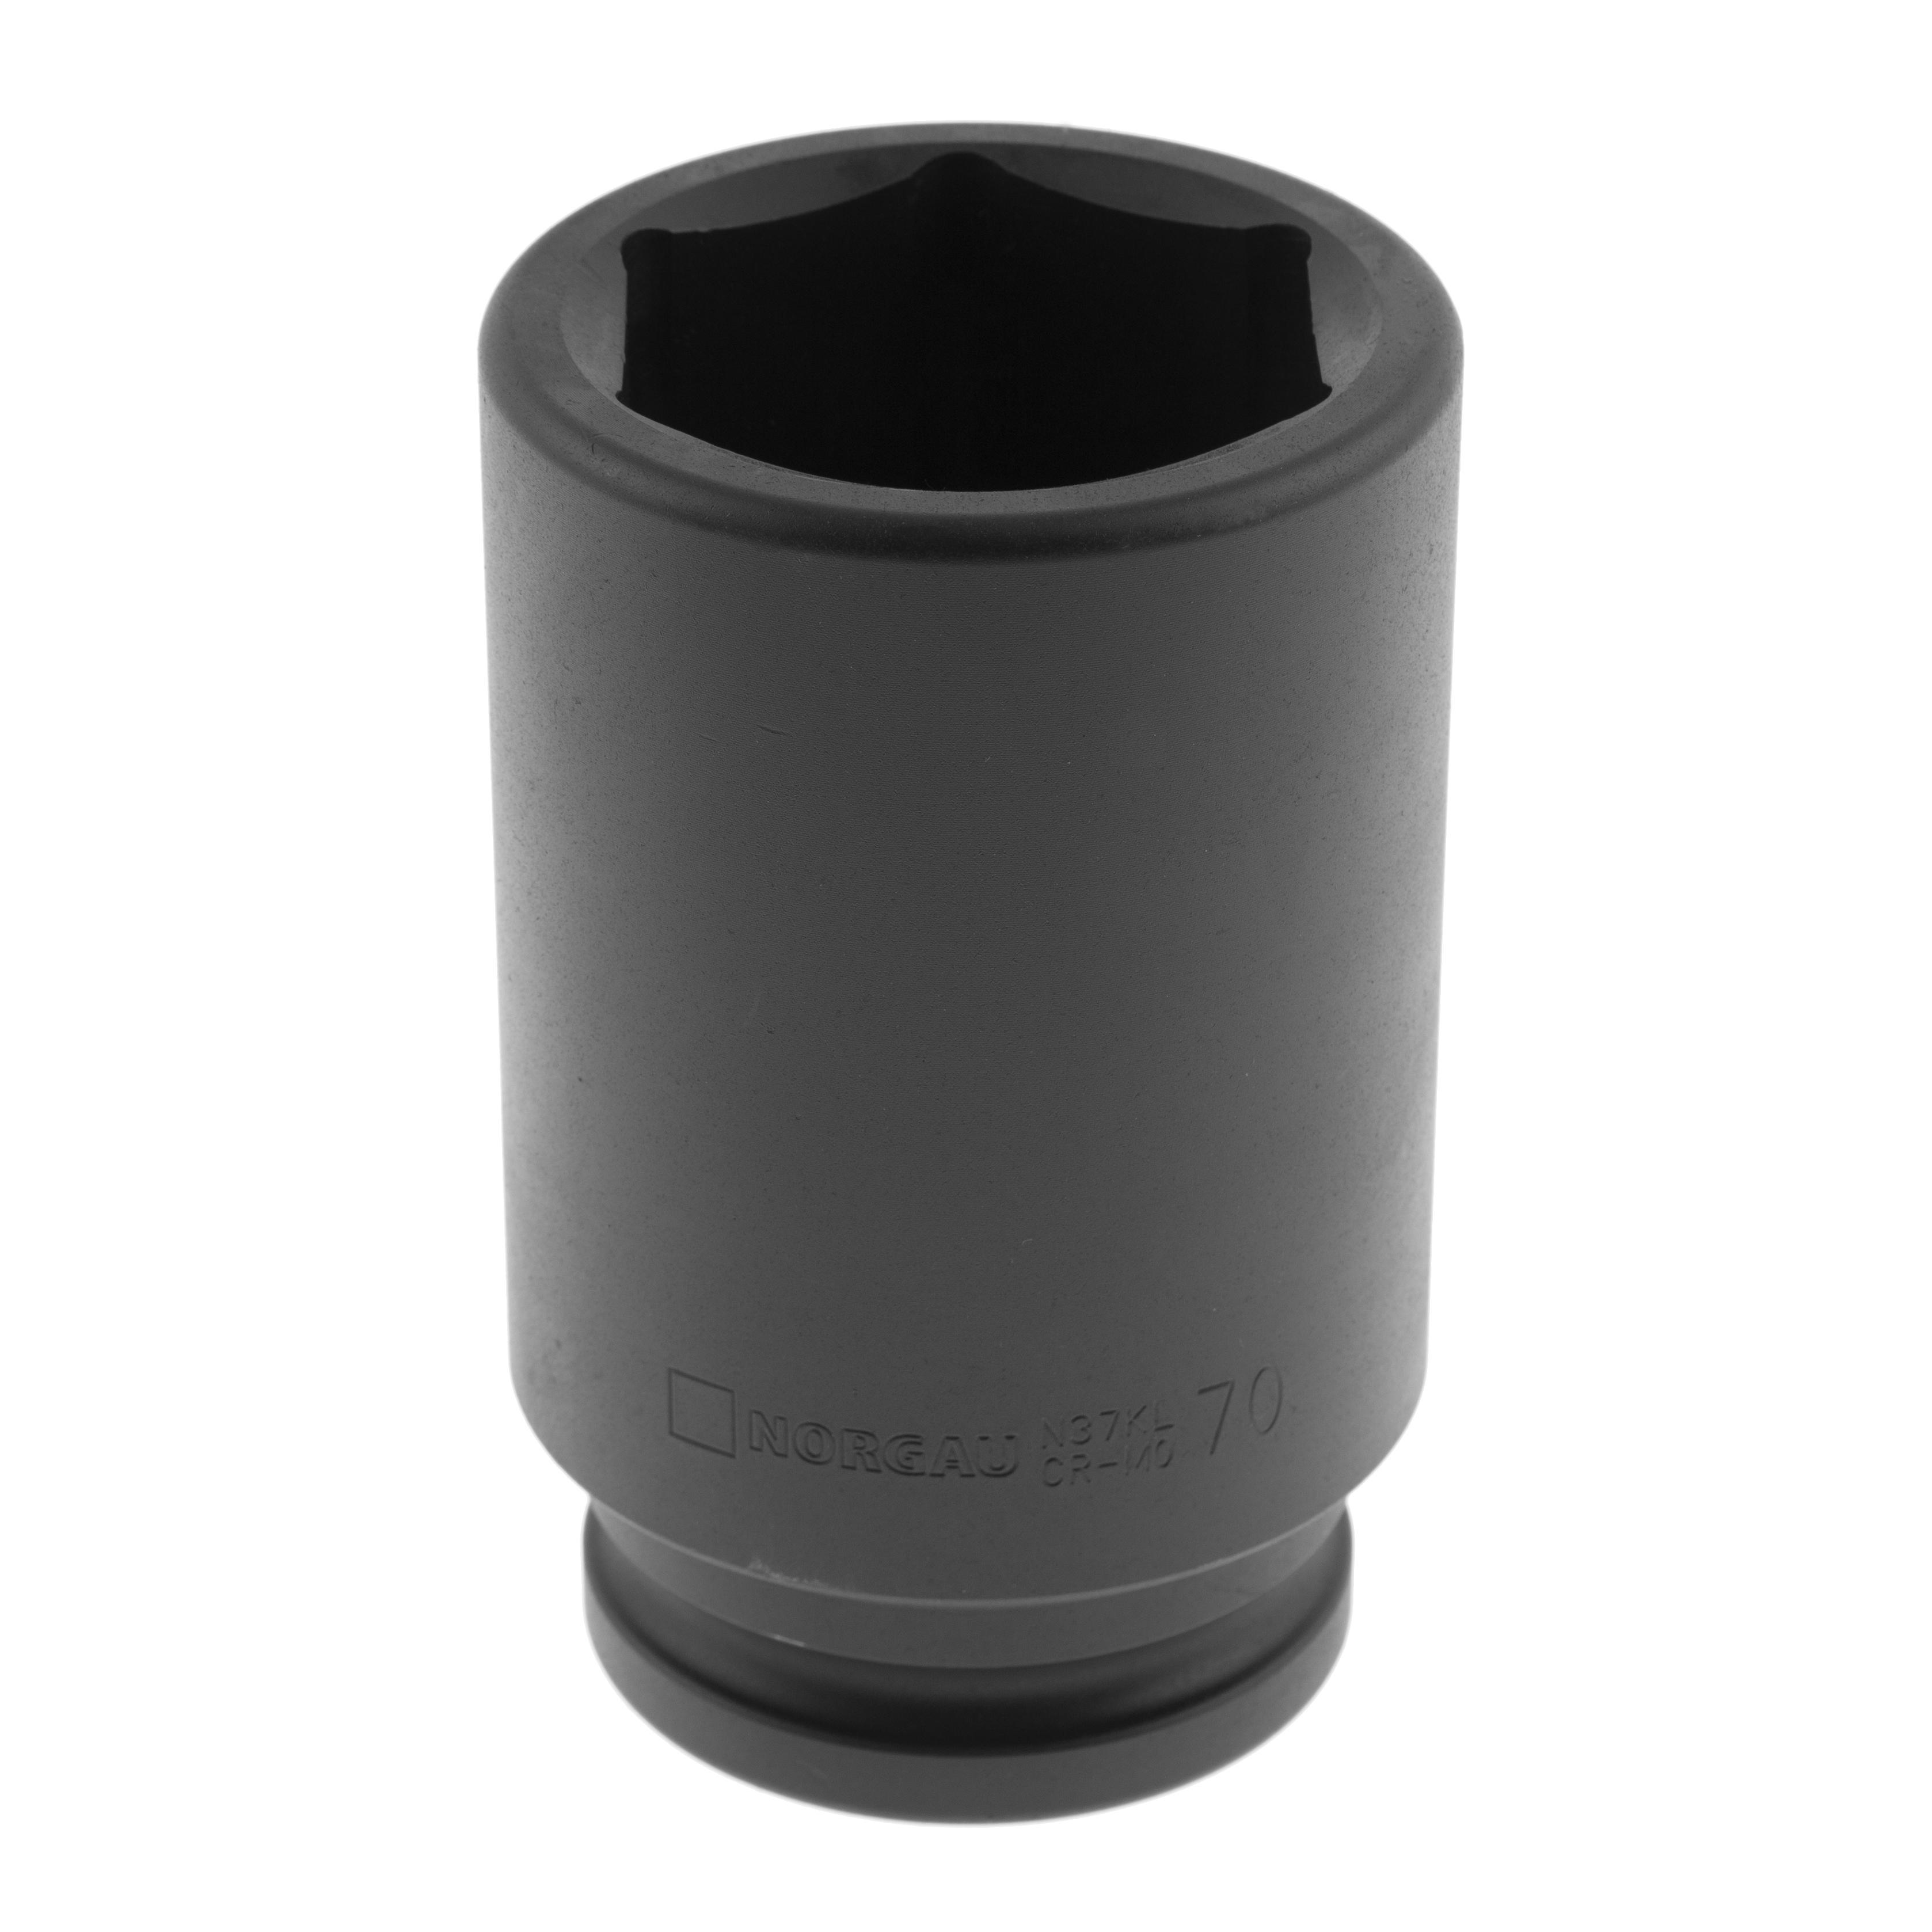 Головка ударная удлиненная Norgau размер 70мм, h 160мм, s 1 1/2'' (064085070)